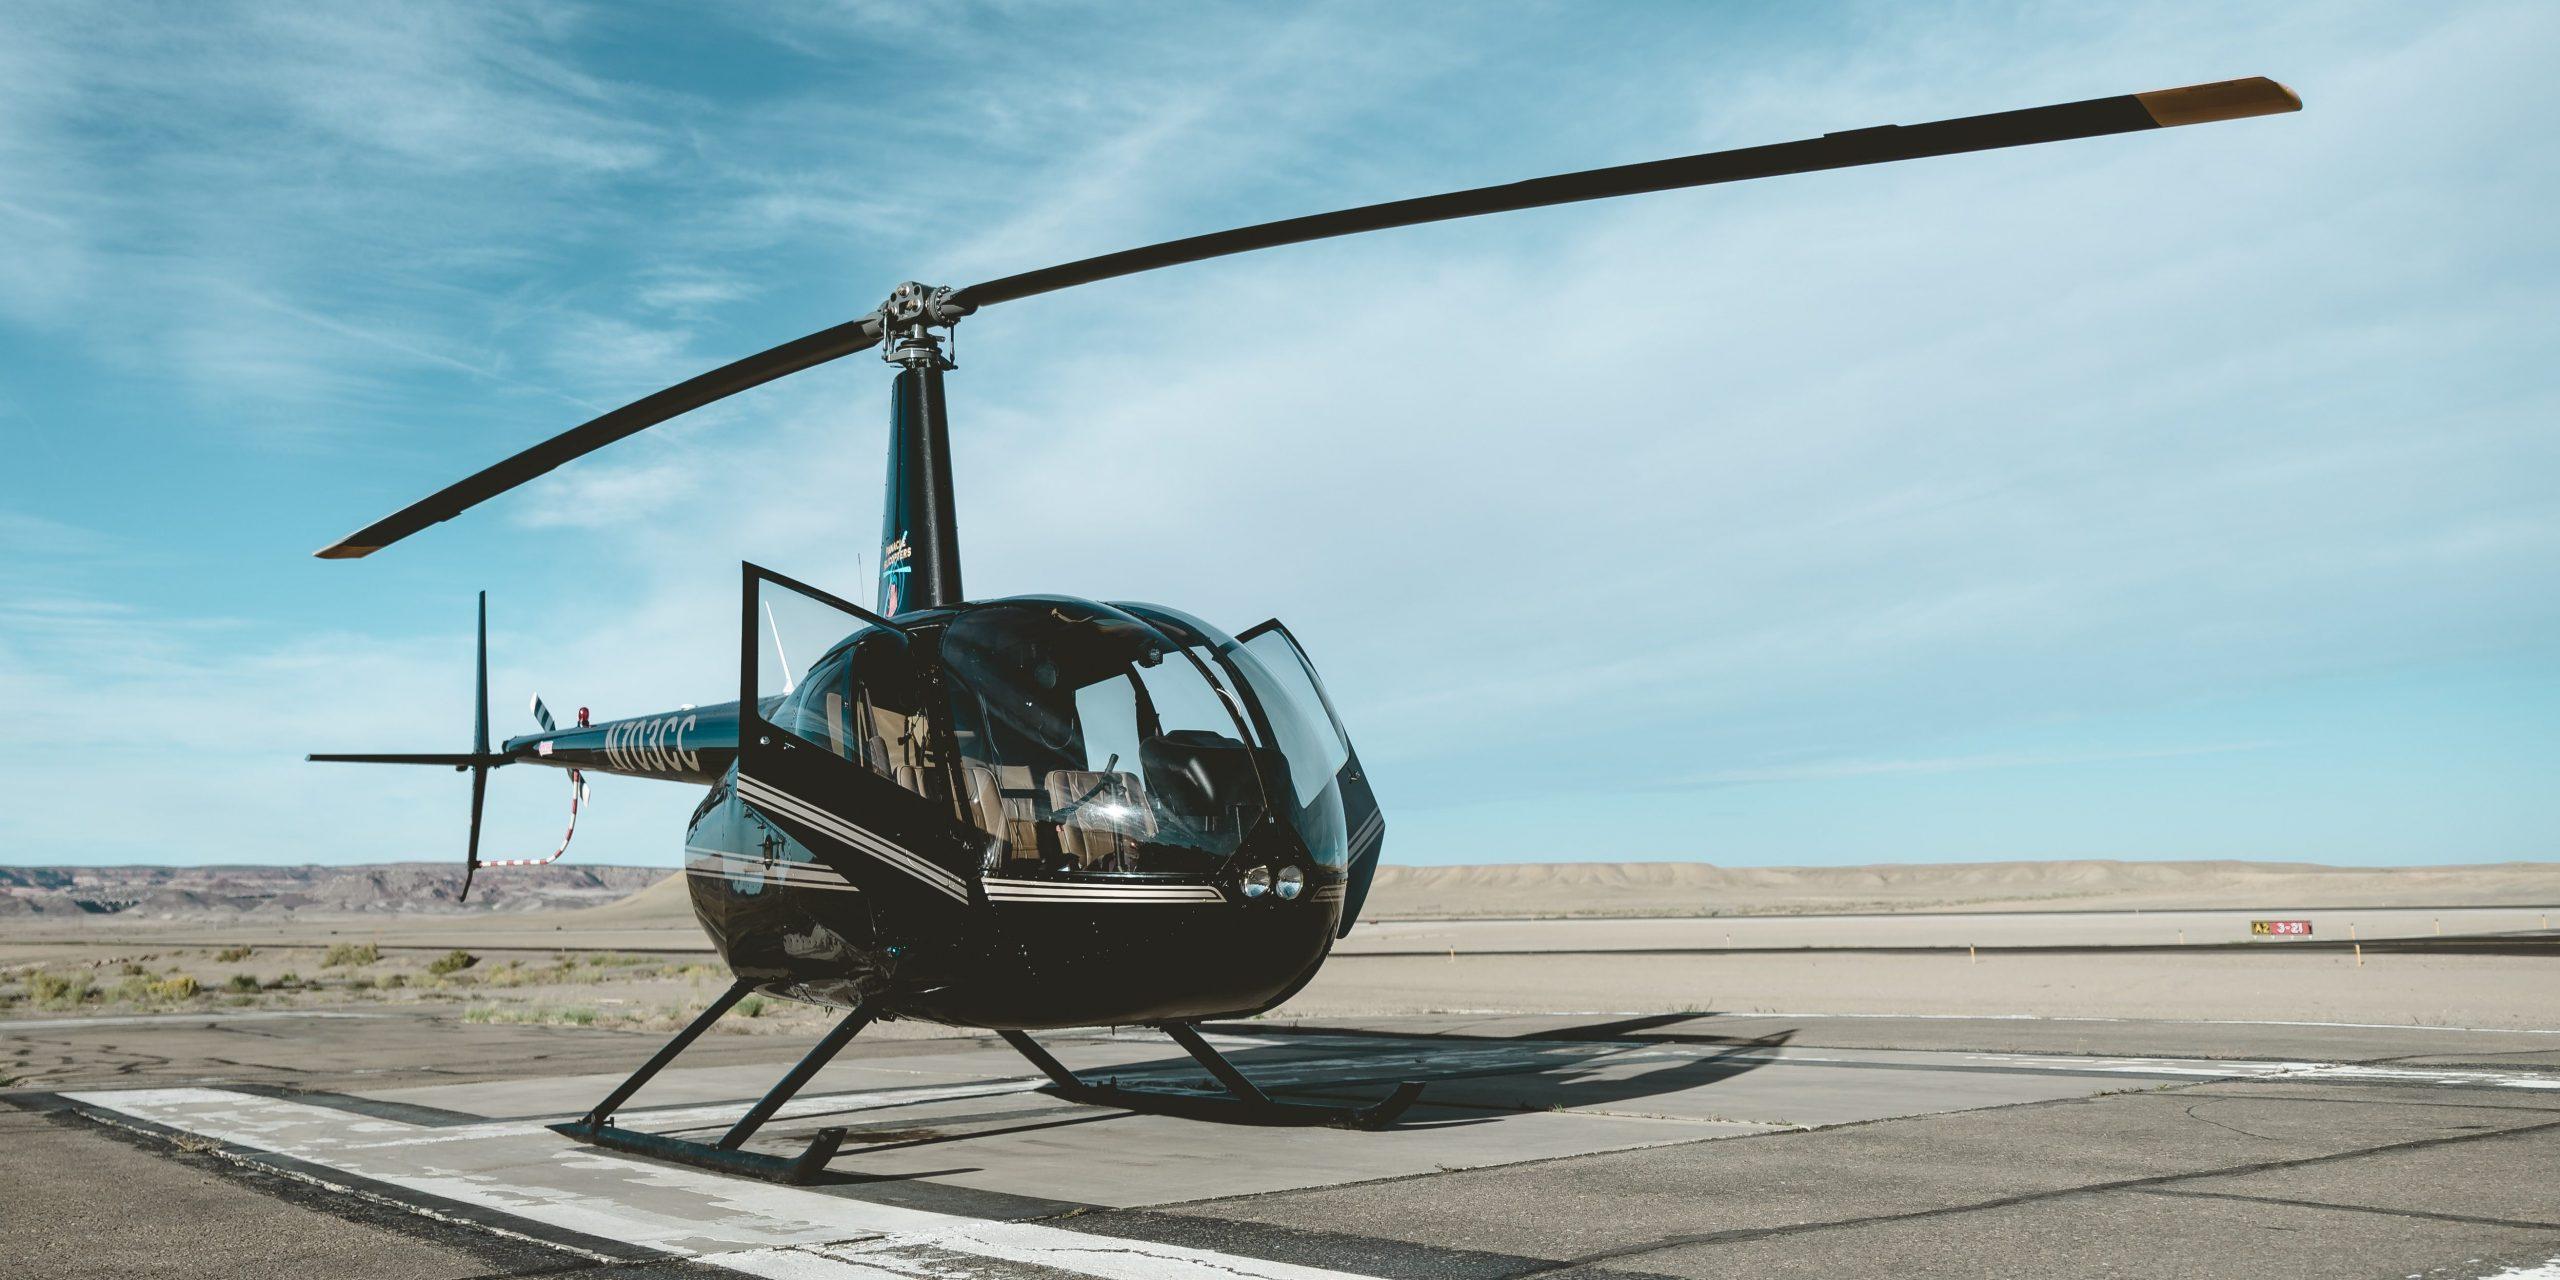 «Газпром нефть» испытала тяжелый беспилотный вертолет на арктическом месторождении